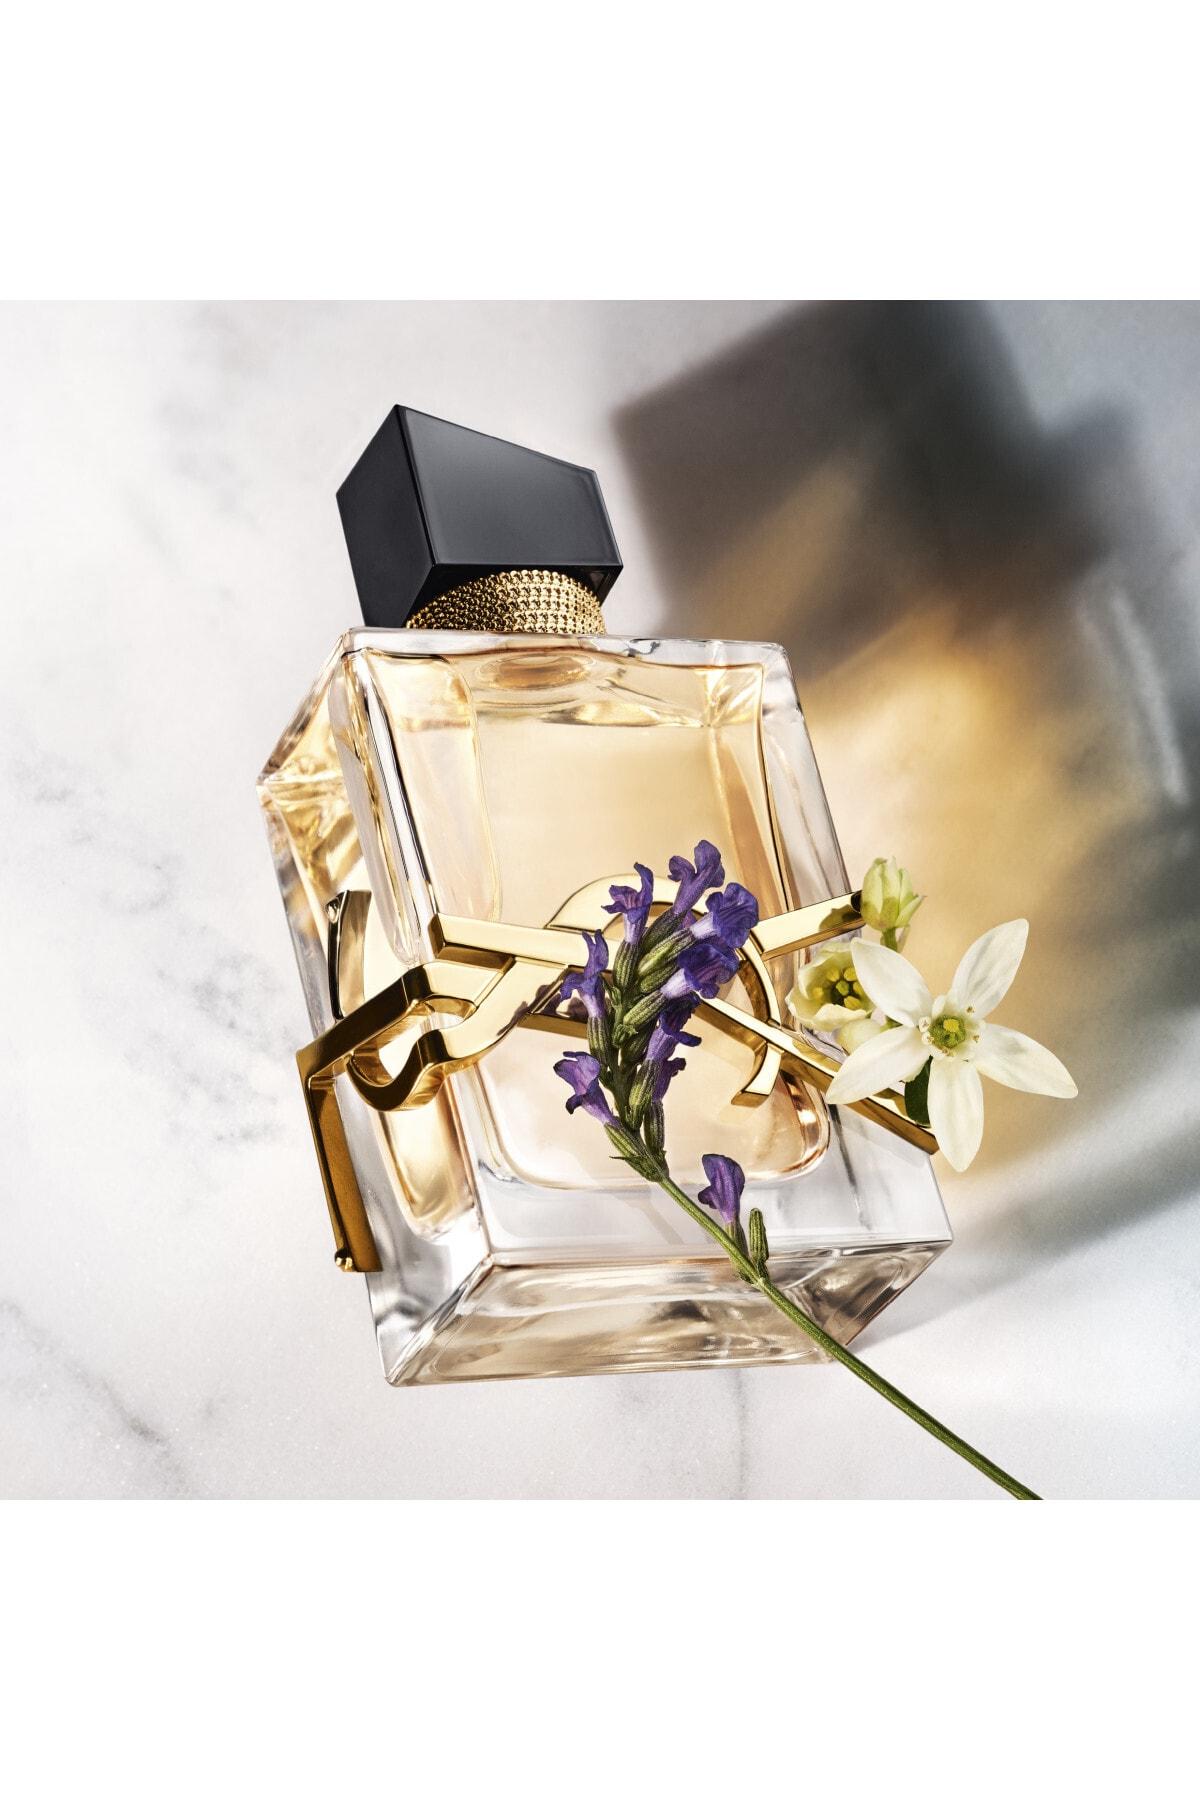 Yves Saint Laurent Libre Edp Kadin Eau De Parfum Seti 30 ml 8690595147703 2